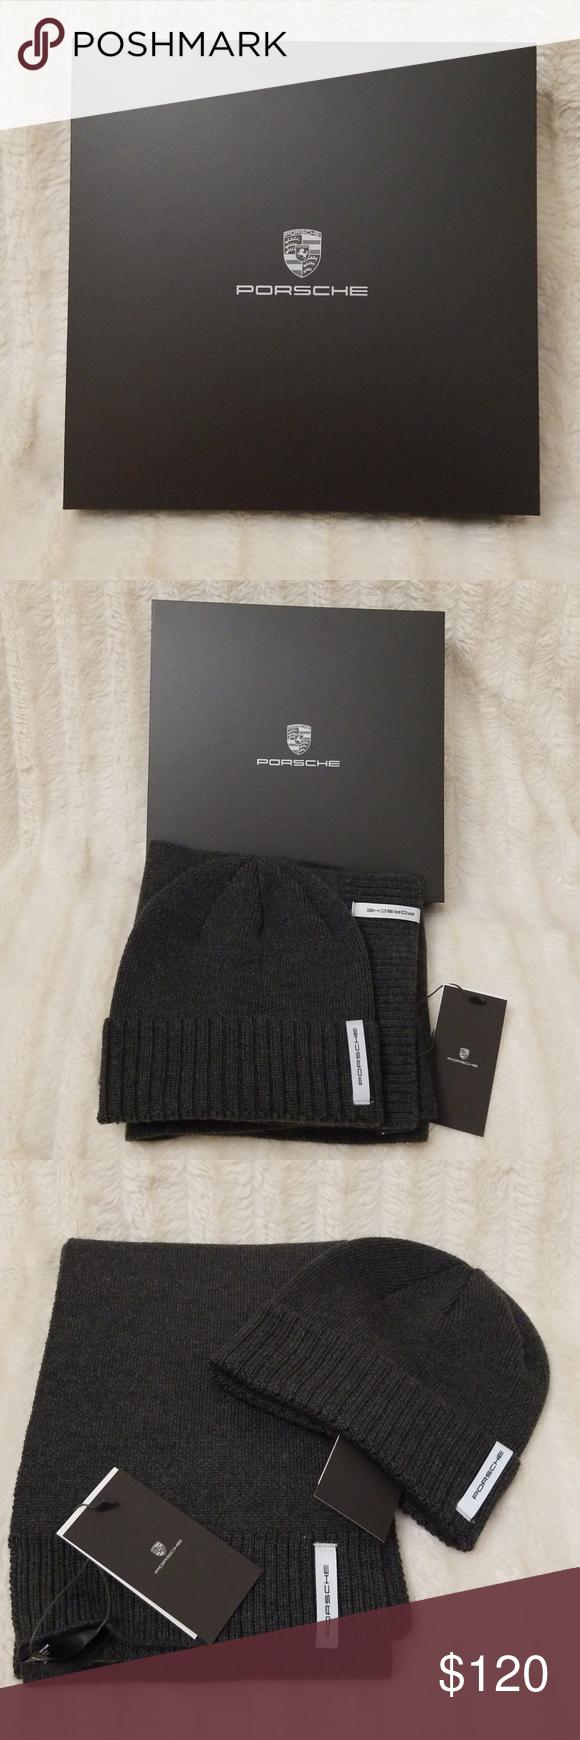 Porsche Hat Beanie and Scarf Set Knitted Merino Wool Acrylic Porsche Gift Set